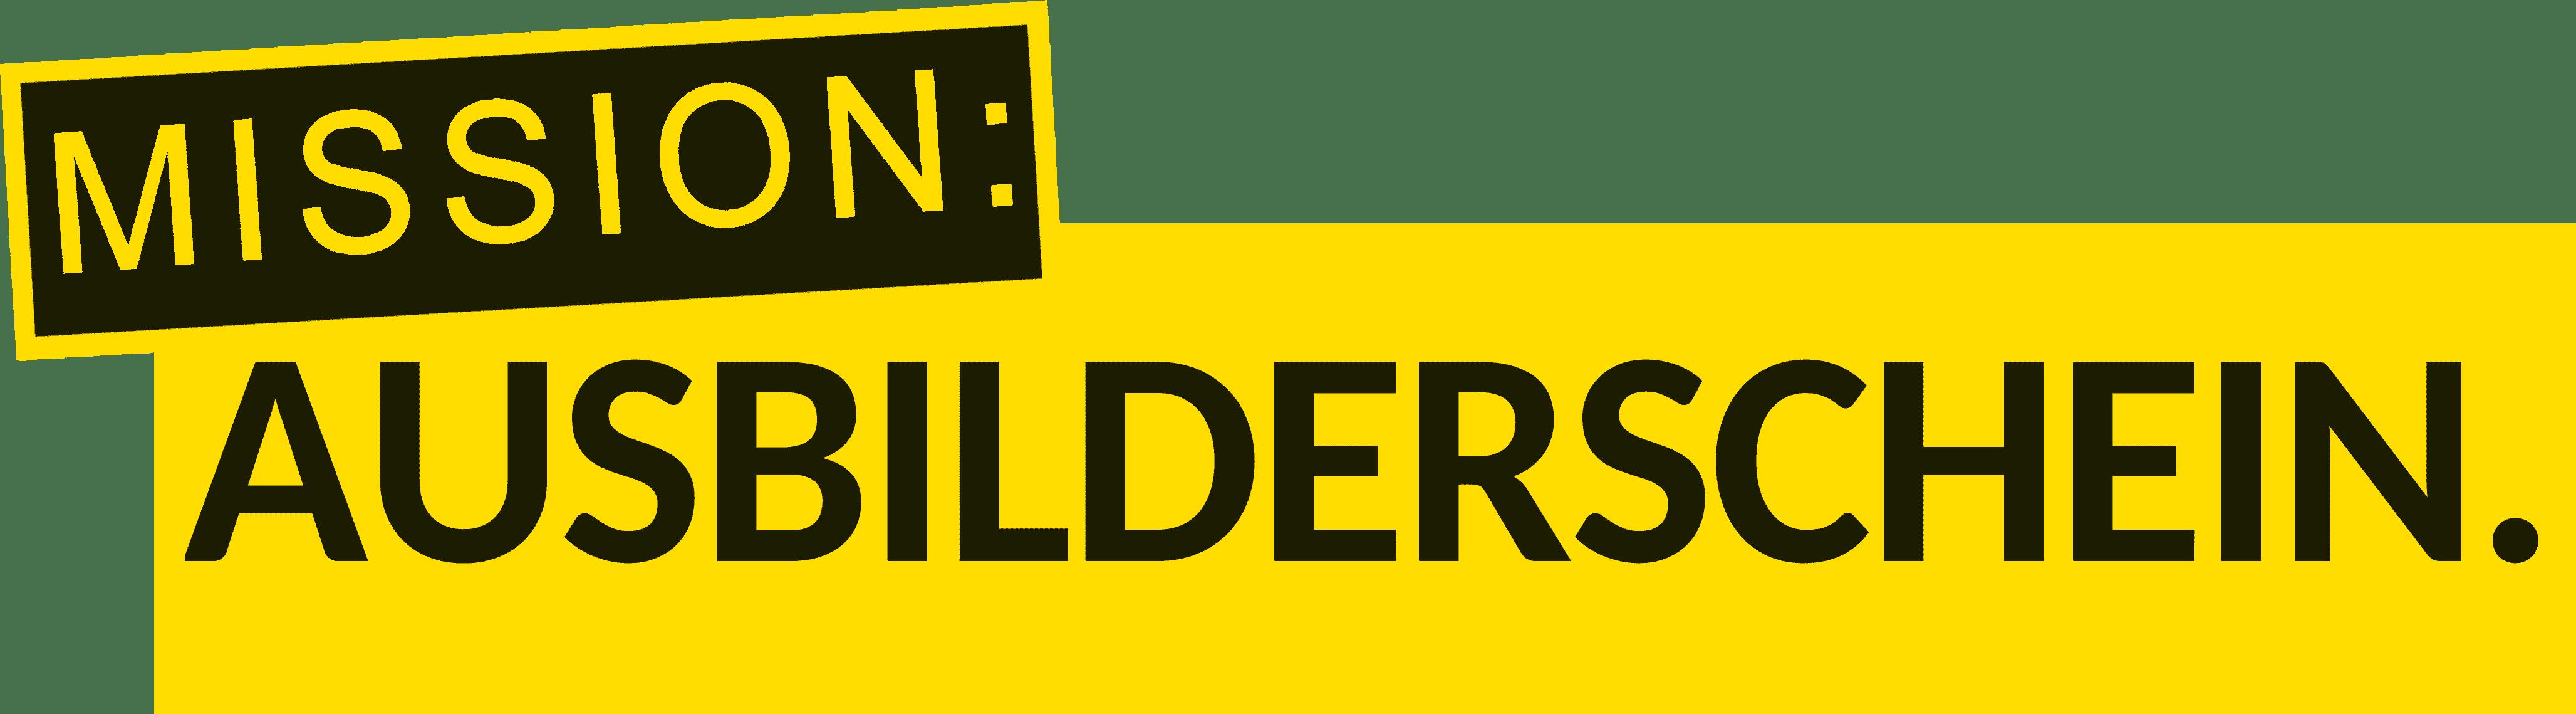 Mission Ausbilderschein Logo